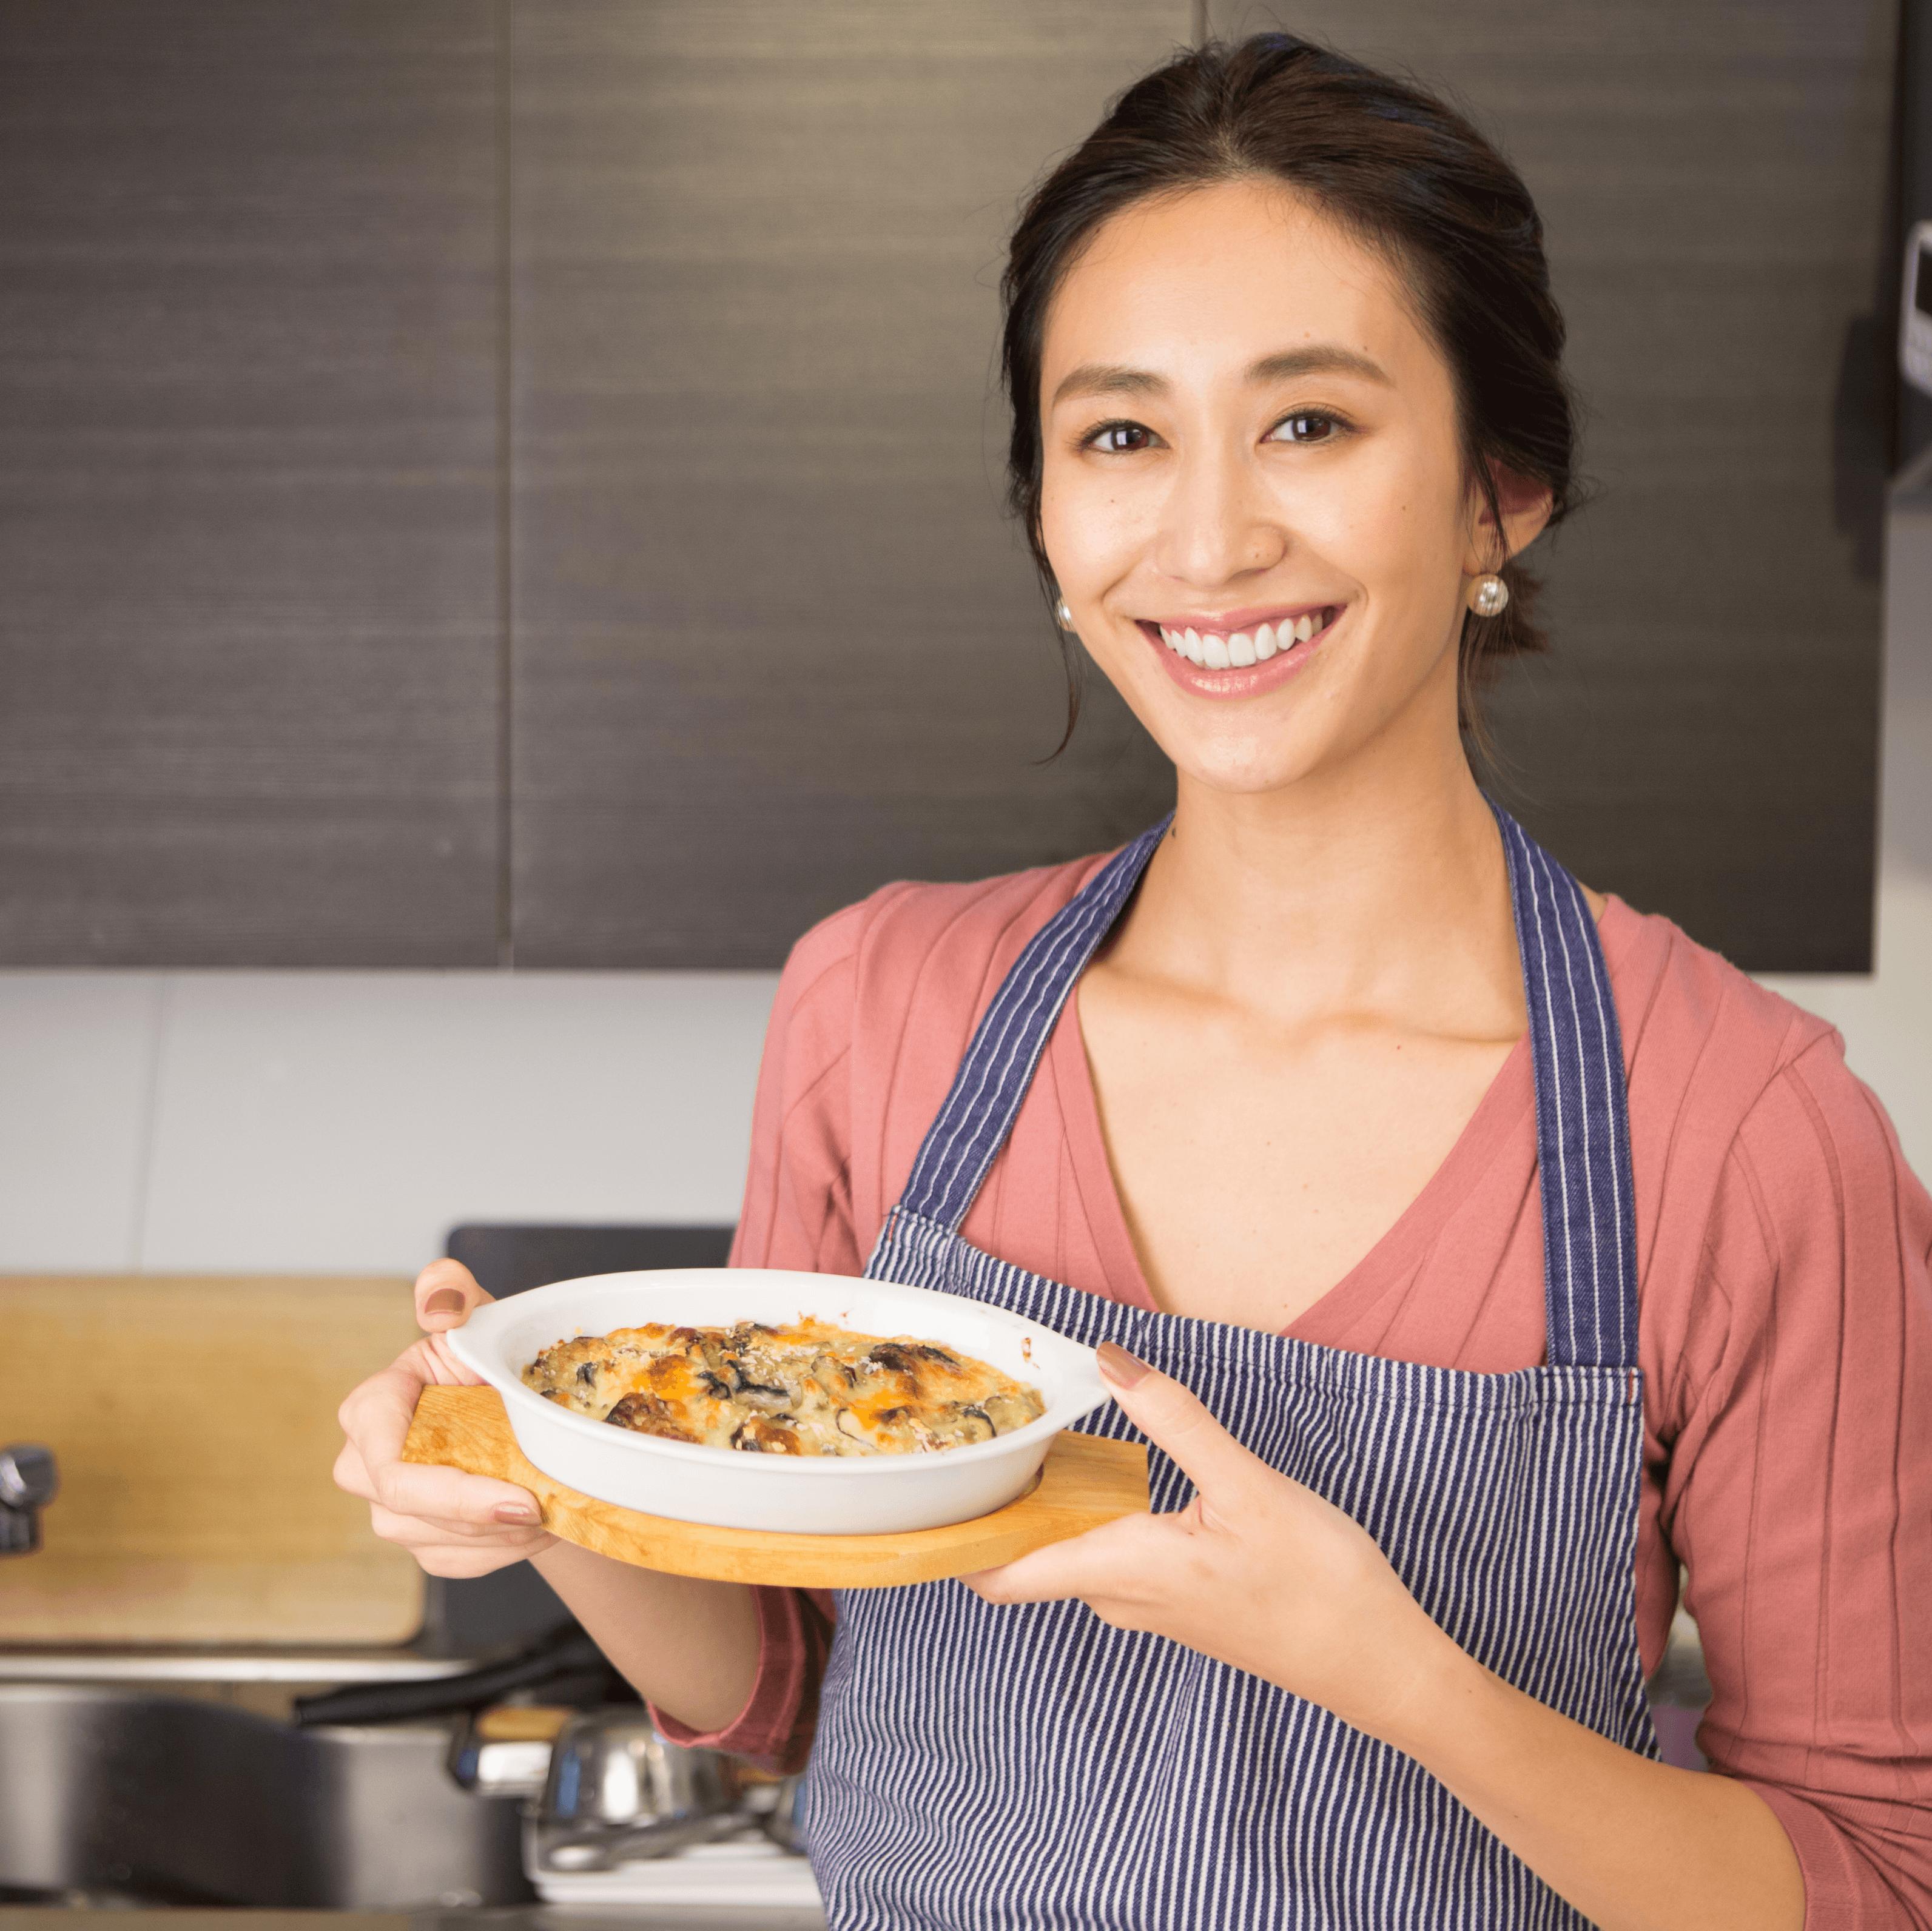 神山まりあさんの、ほんわか幸せレシピ【カキとナスのグラタン】